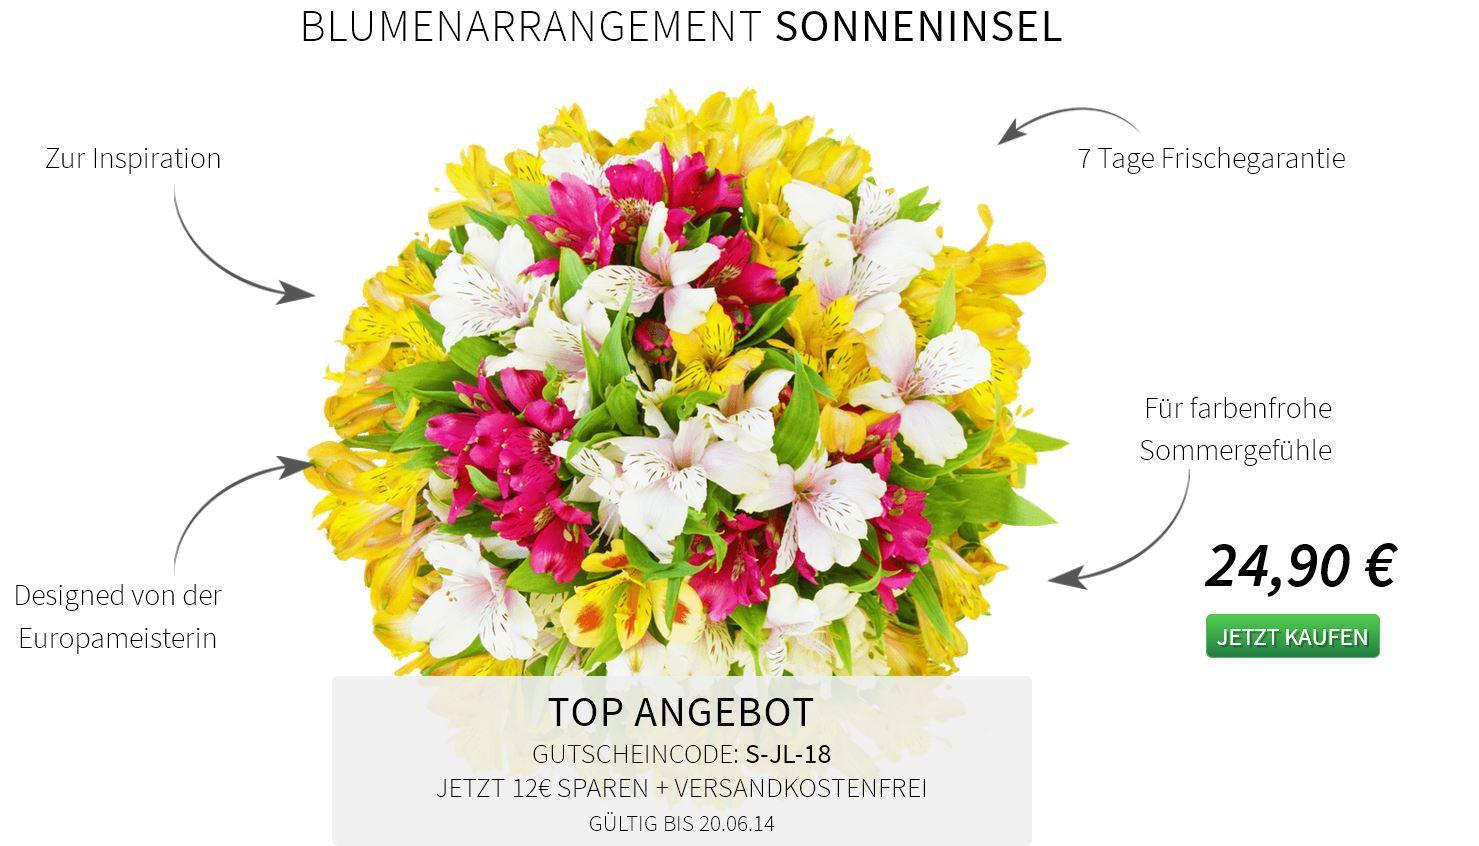 Blumenstrauß – Sonneninsel für 12,90€ inklusive Versand